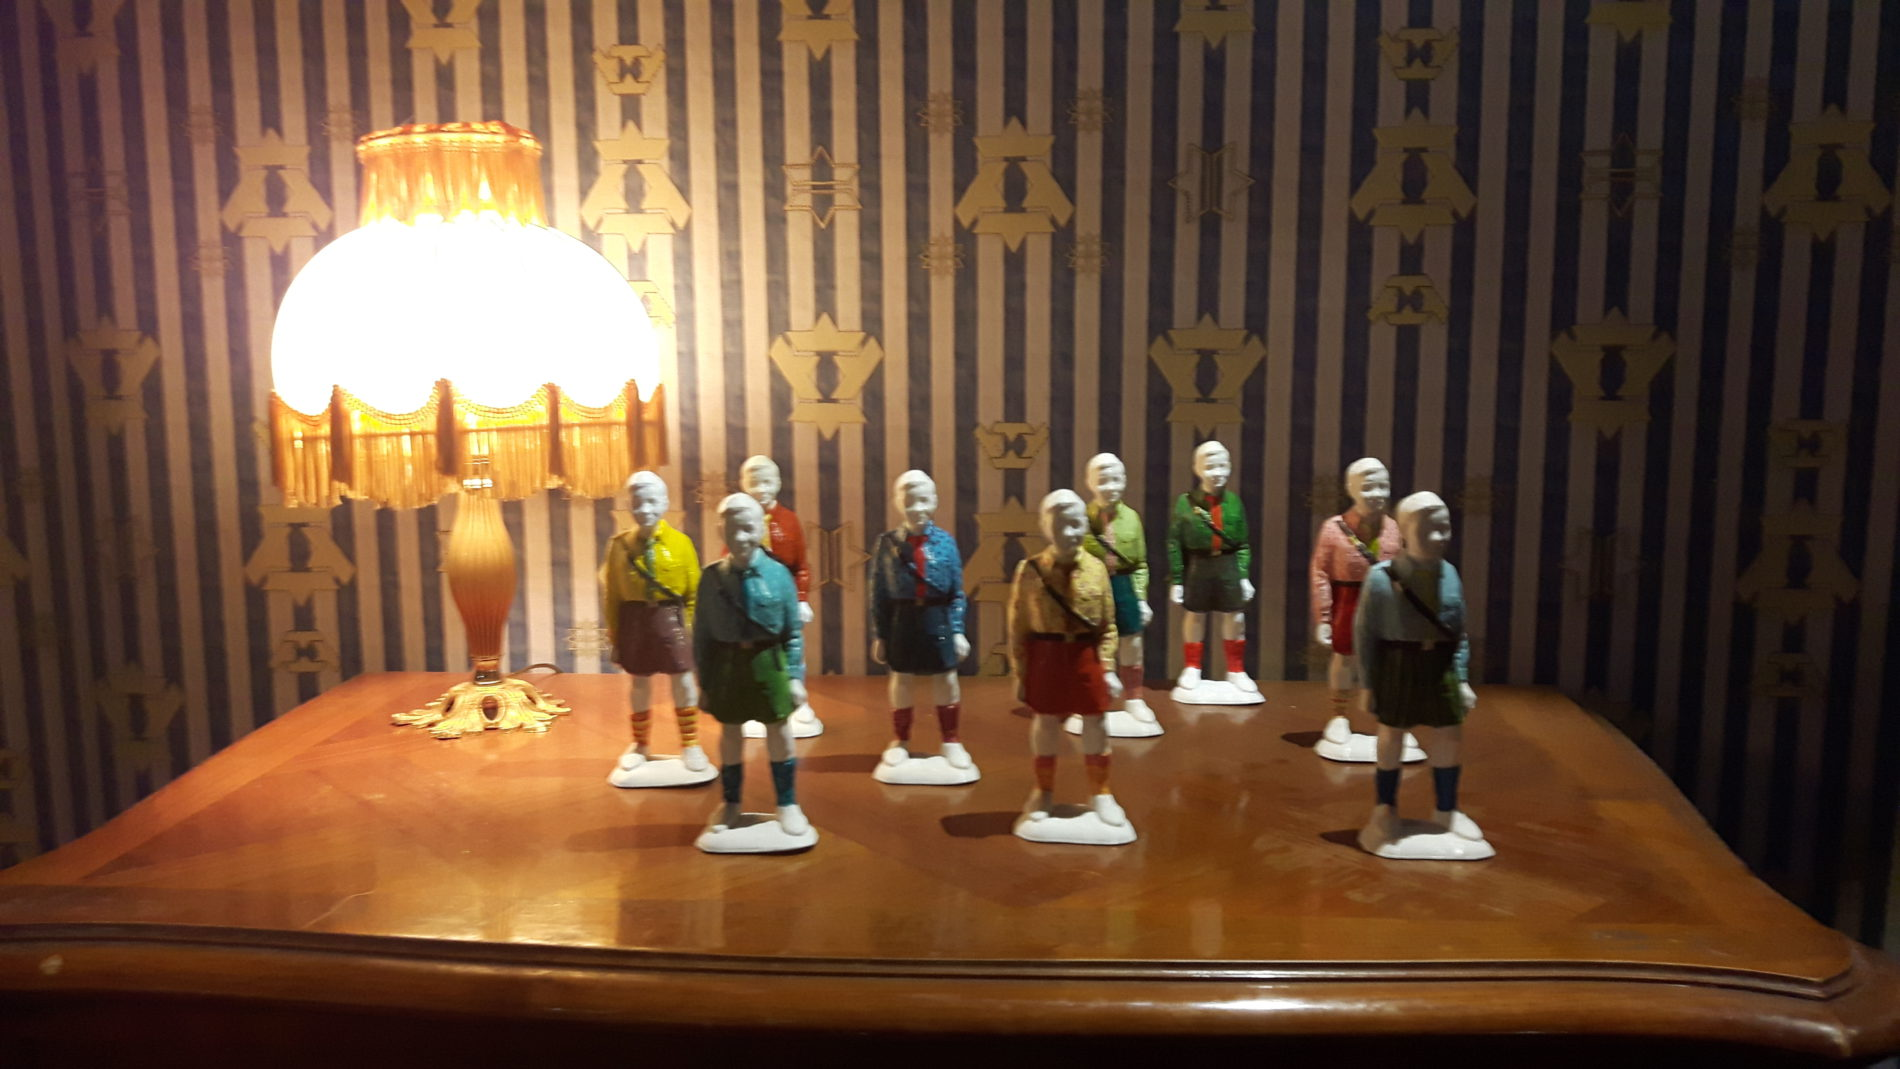 Kleine Tonfiguren, die an die Hitlerjugend erinnern (c) Keno Hennecke